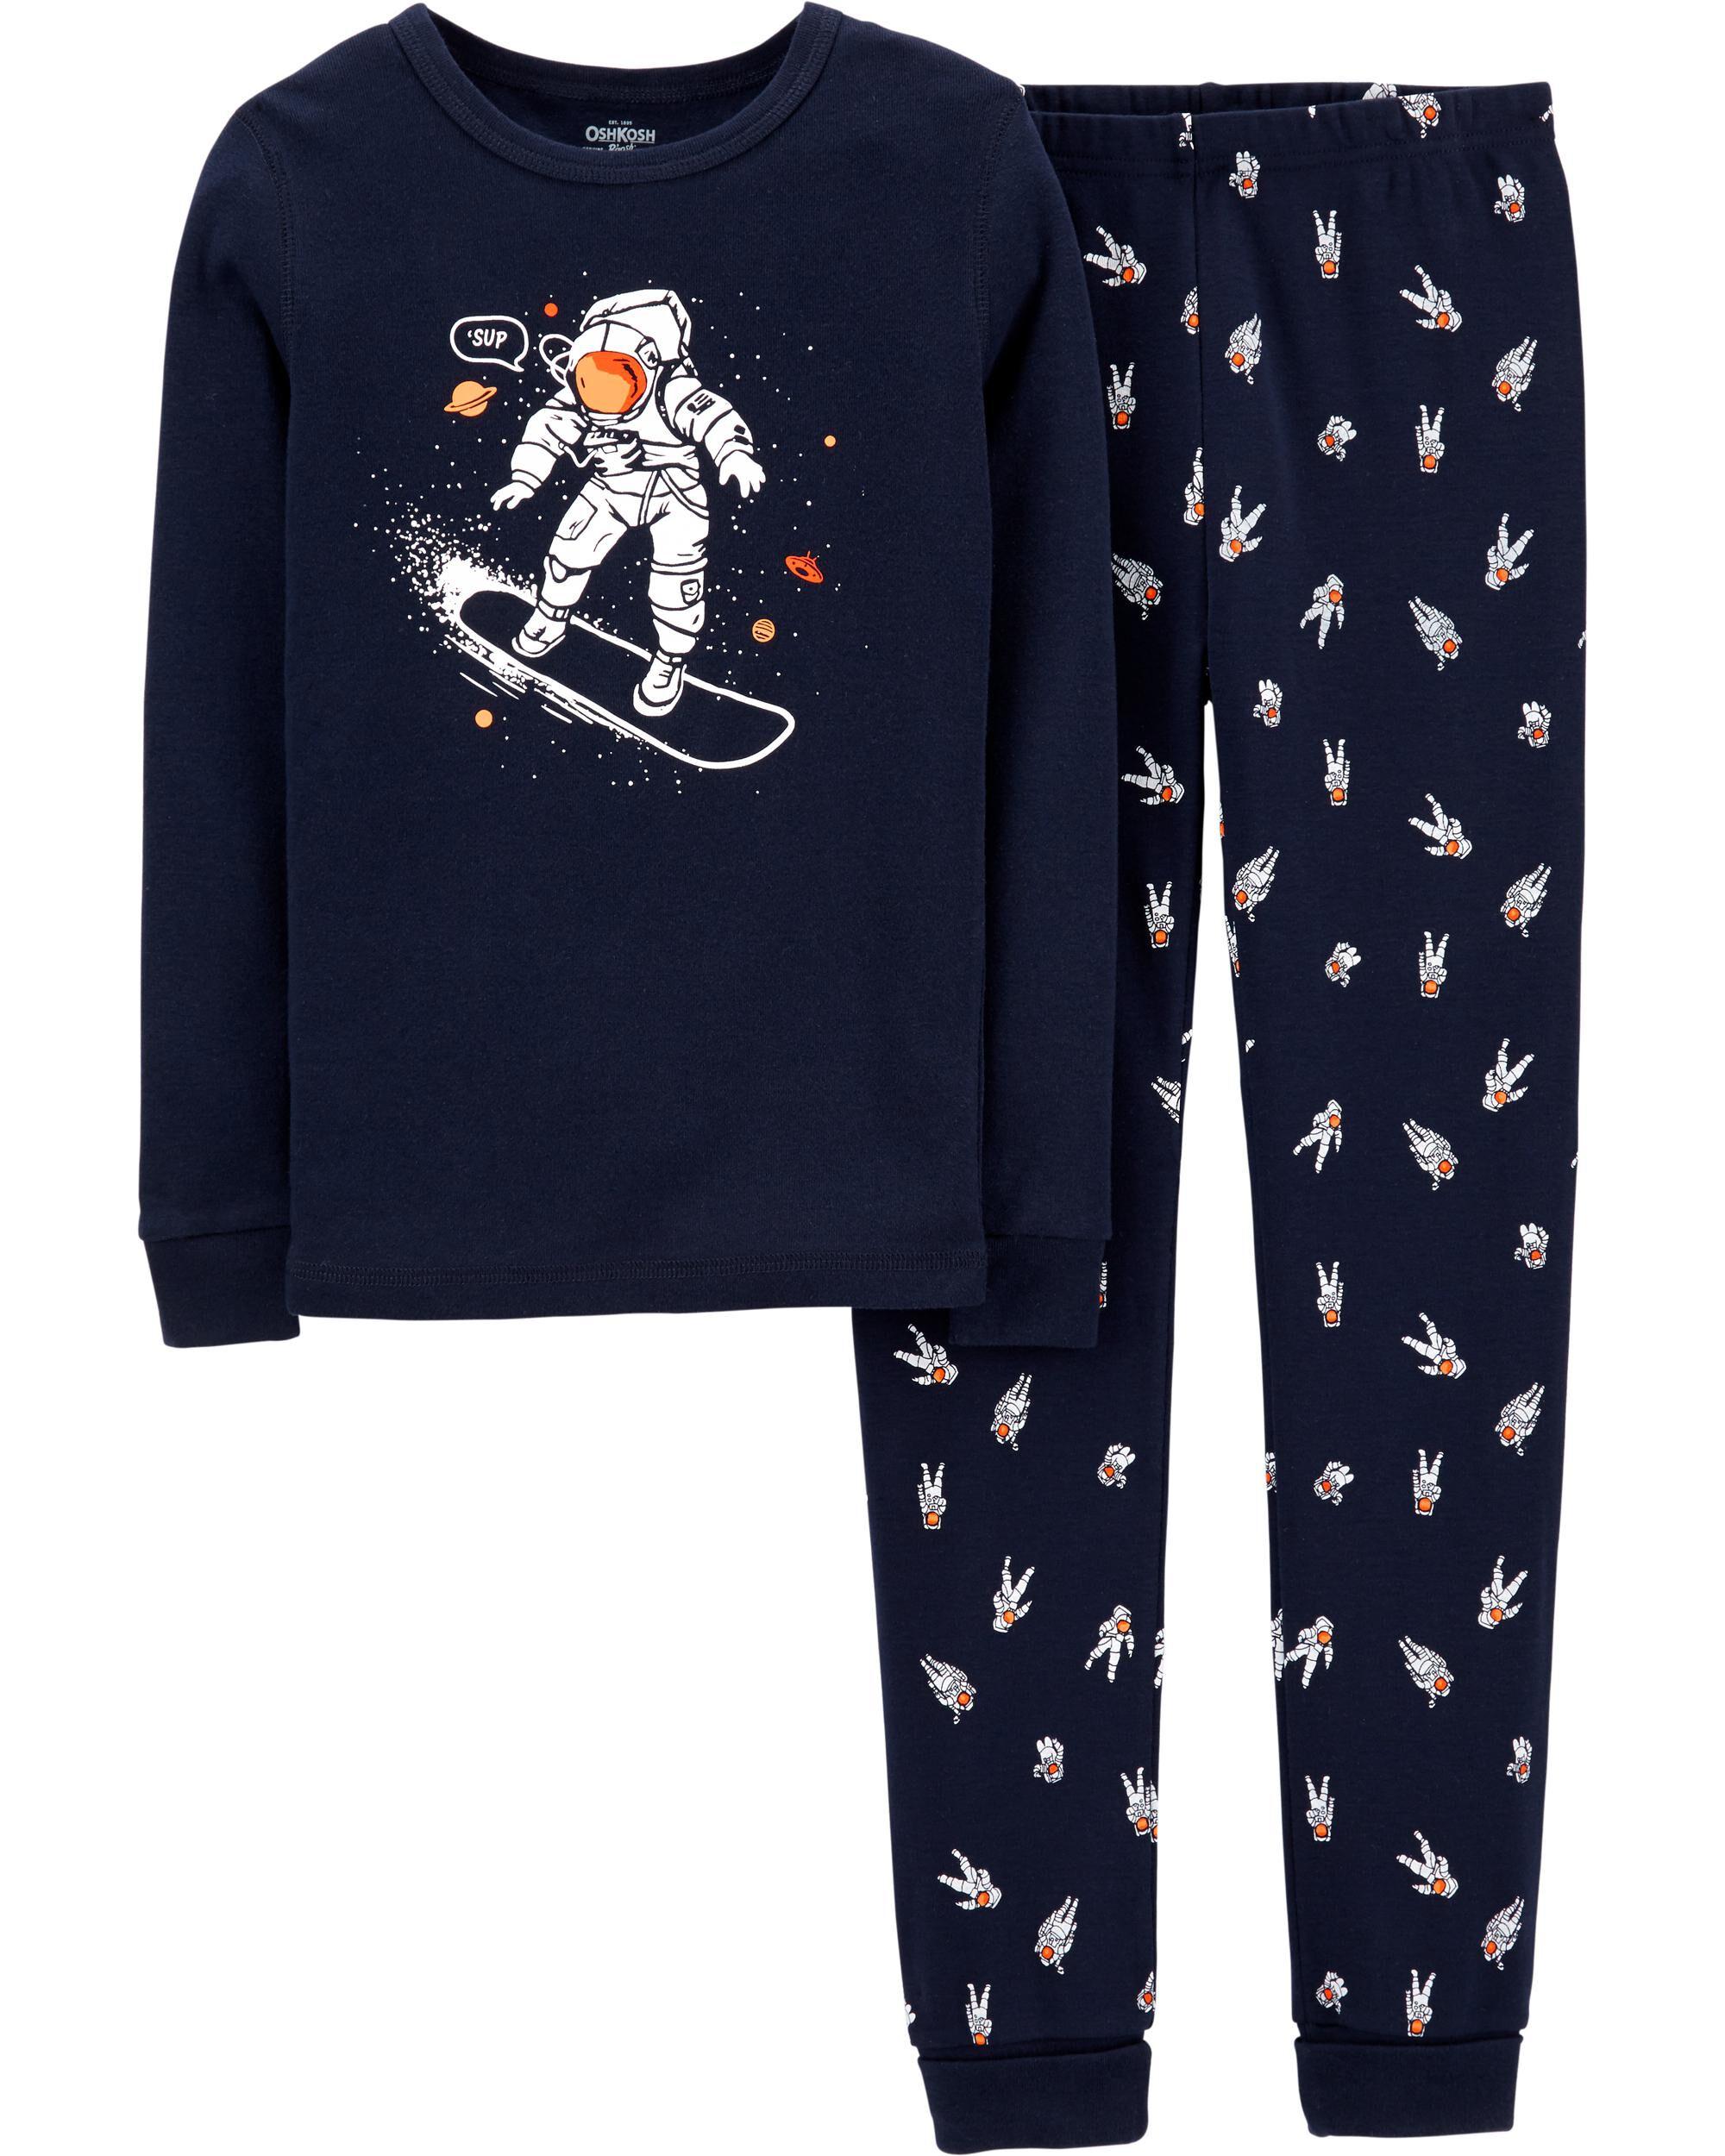 Snug Fit Astronaut Cotton PJs